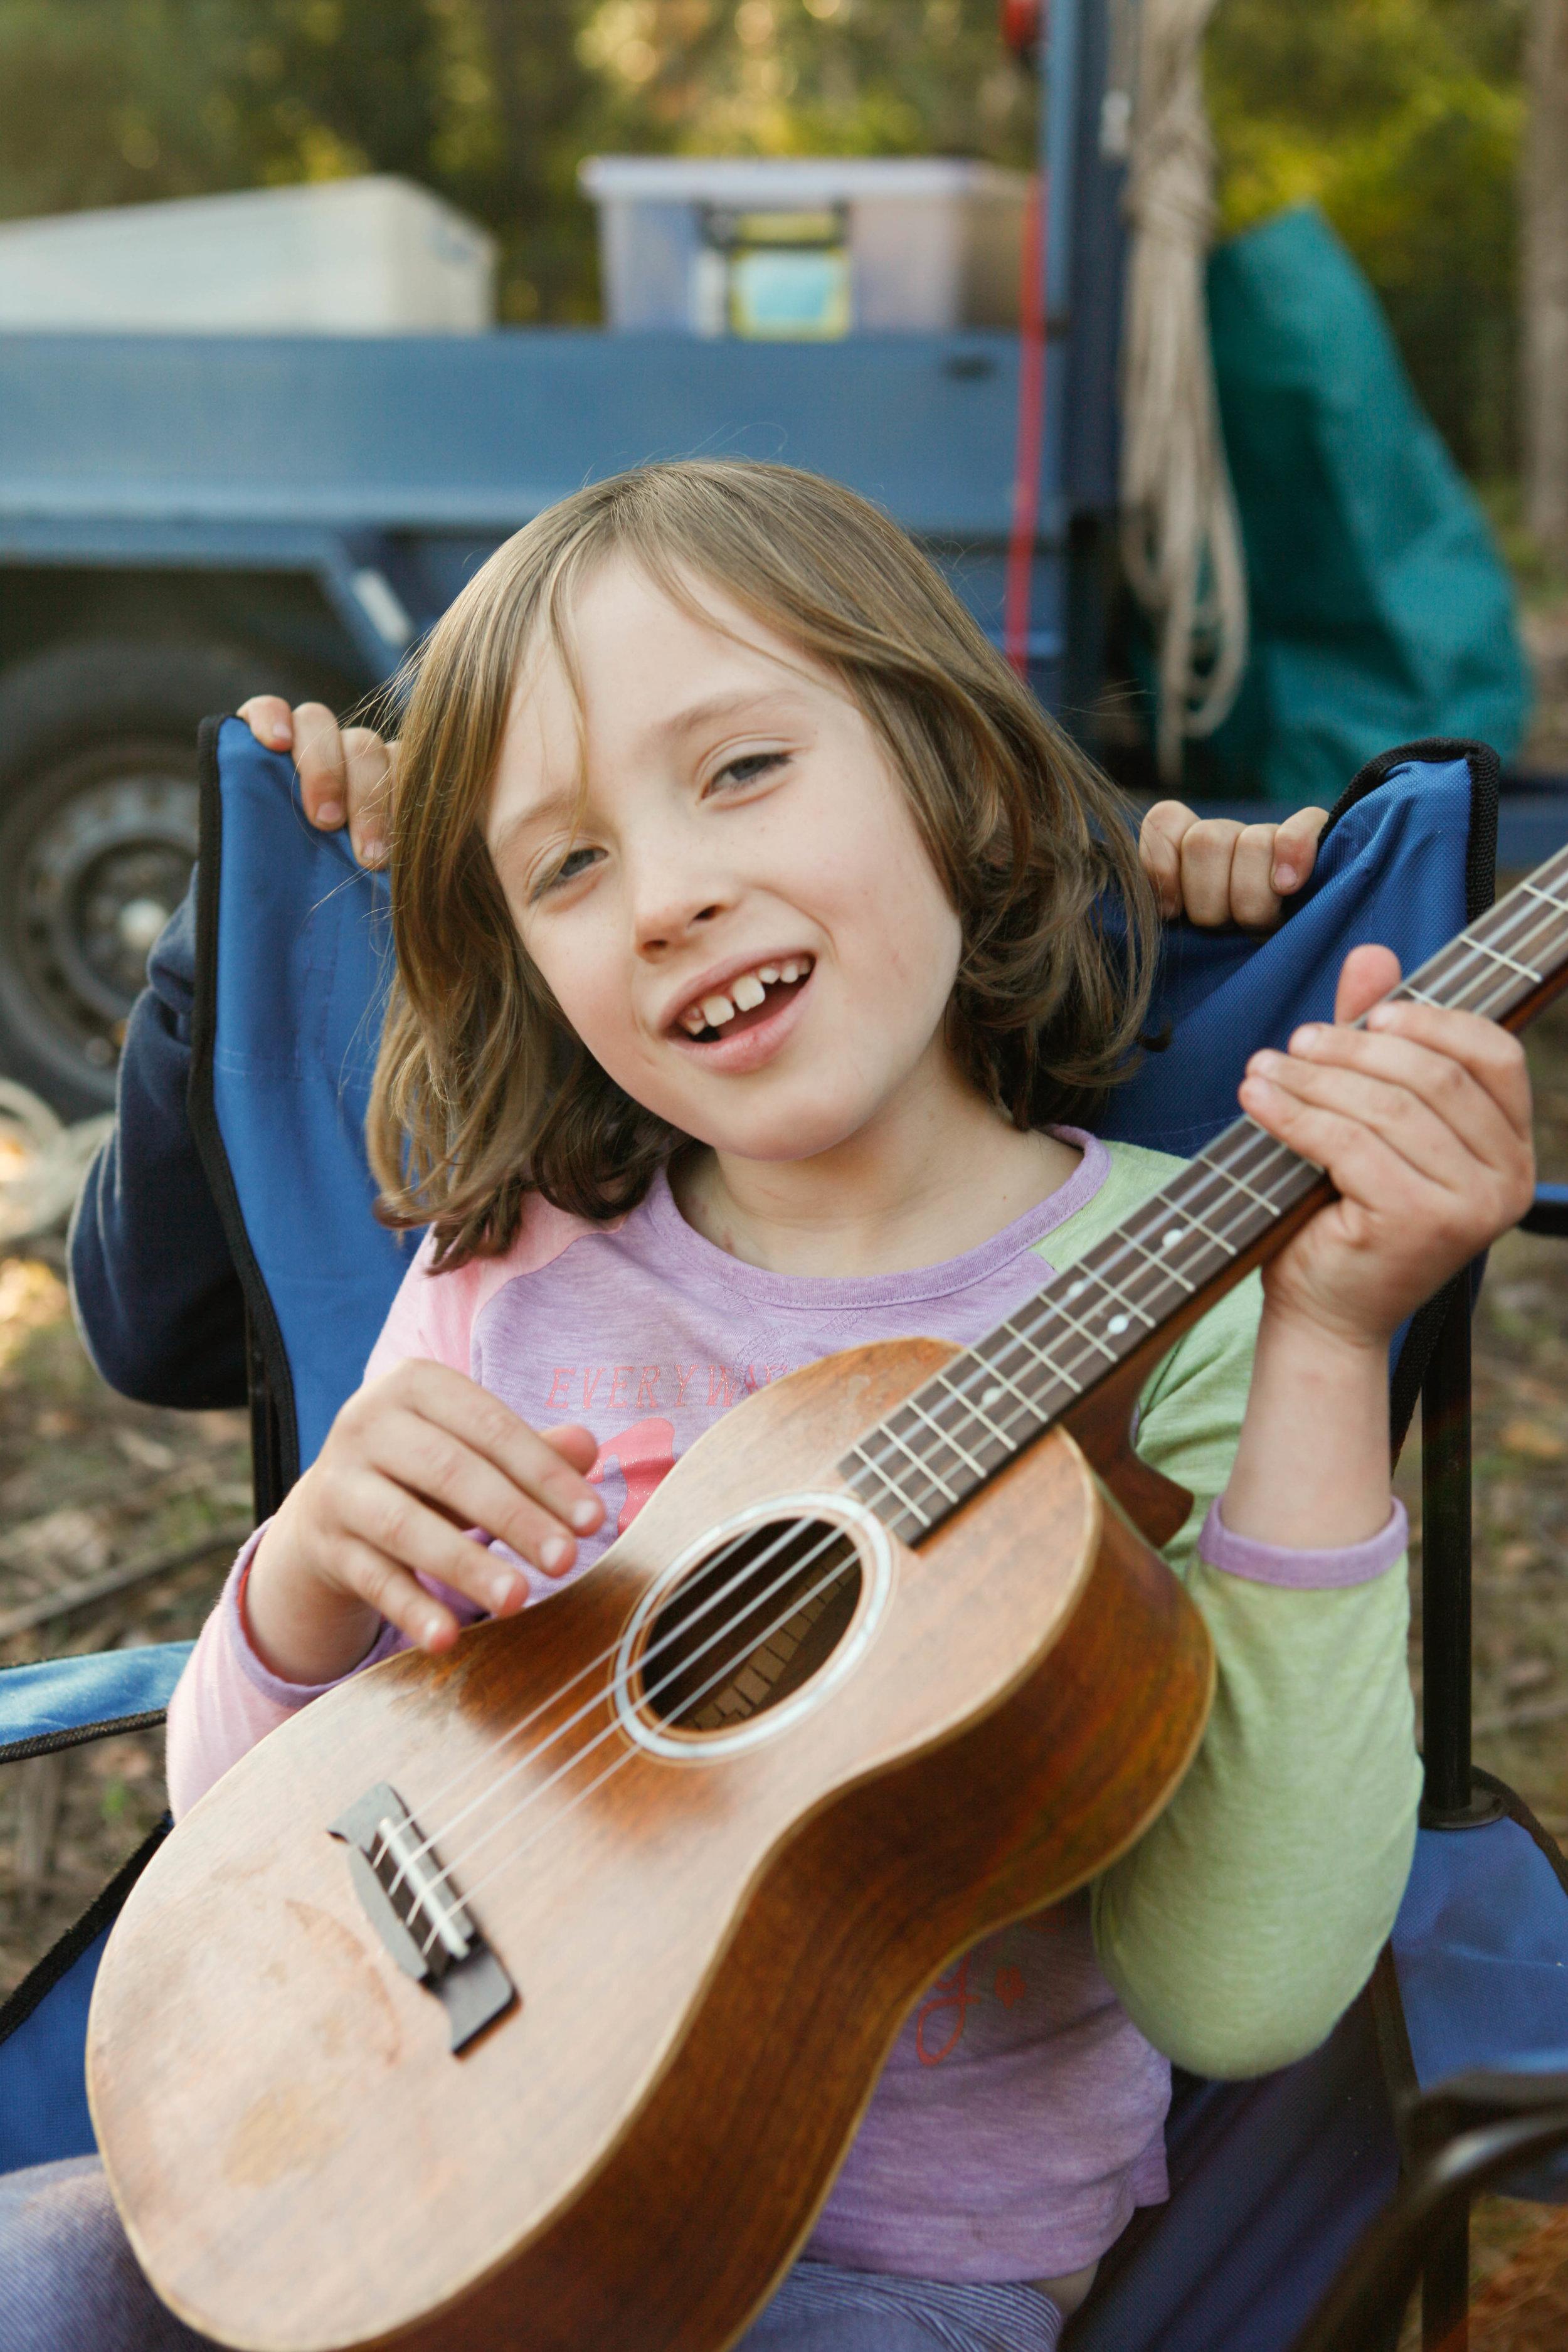 ava-singing-a-tune_17797075661_o.jpg